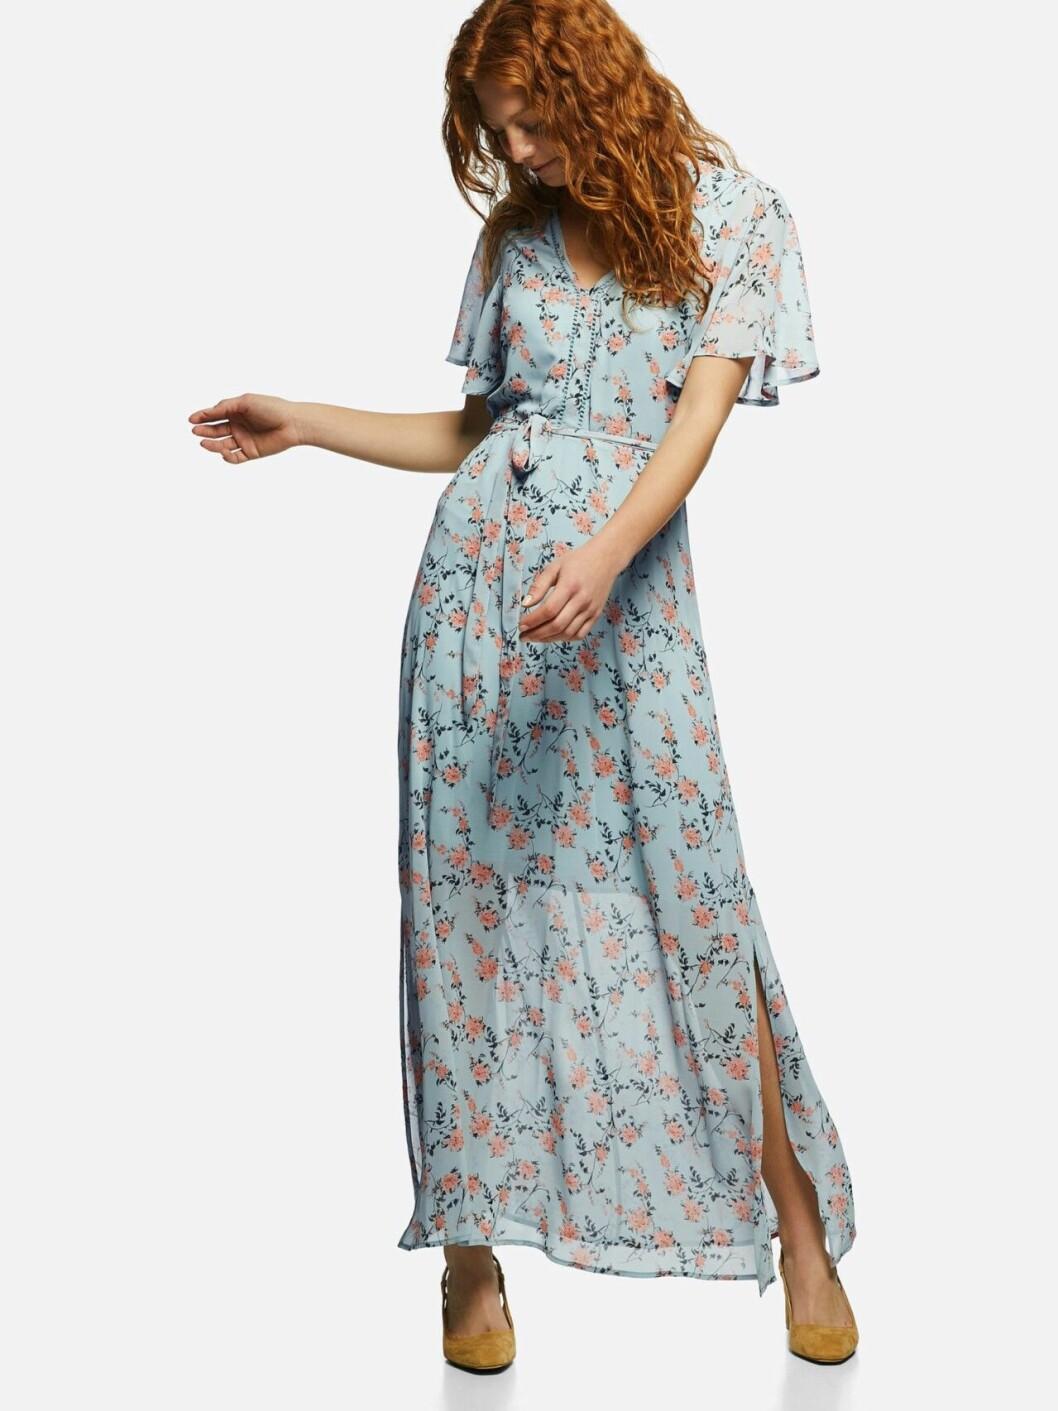 Blå långklänning med blommor till bröllop 2019